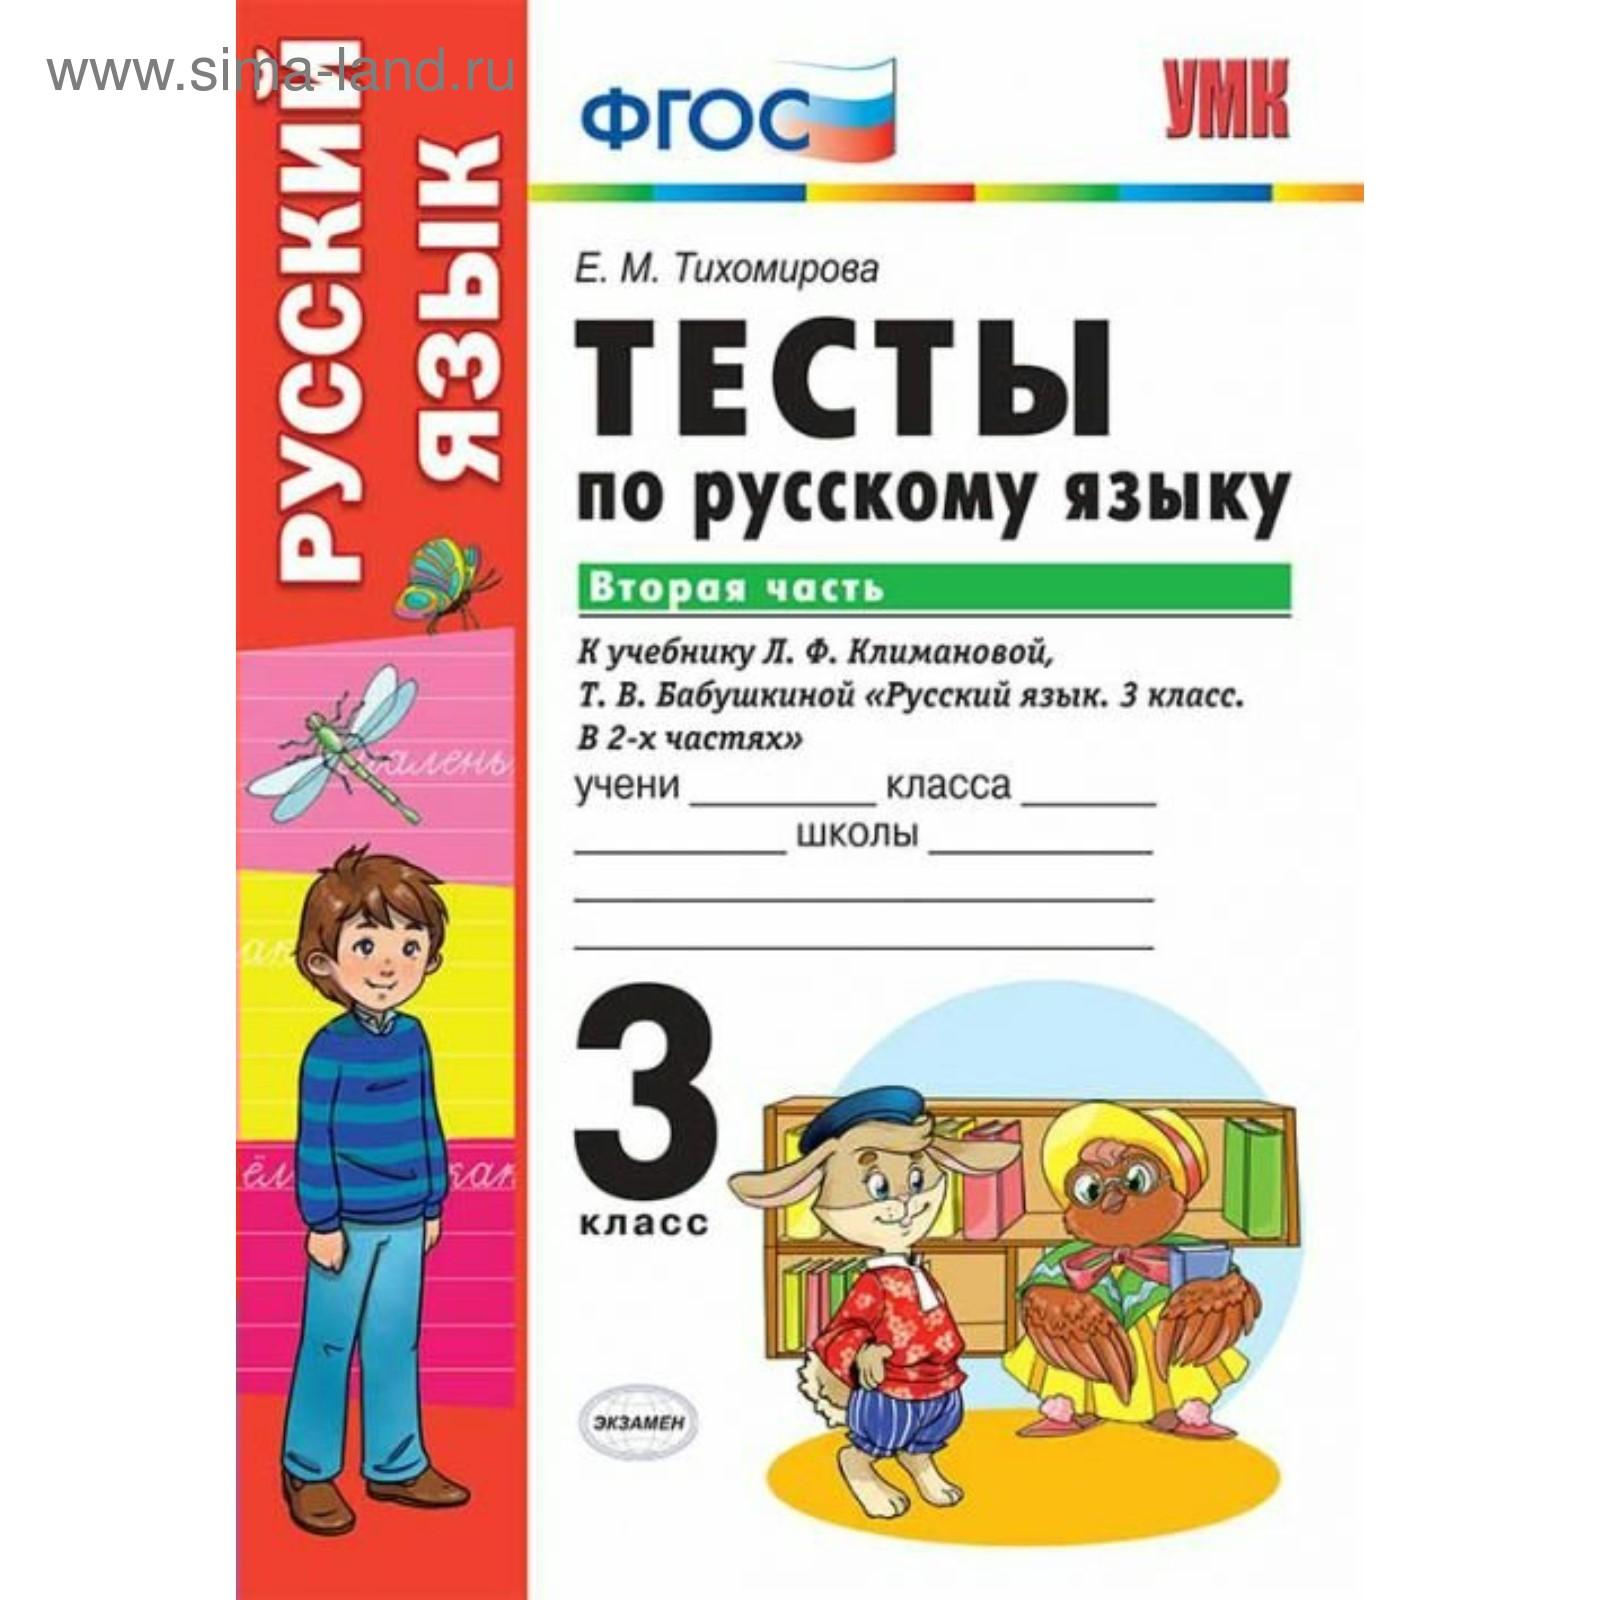 русский язык тест часть 2